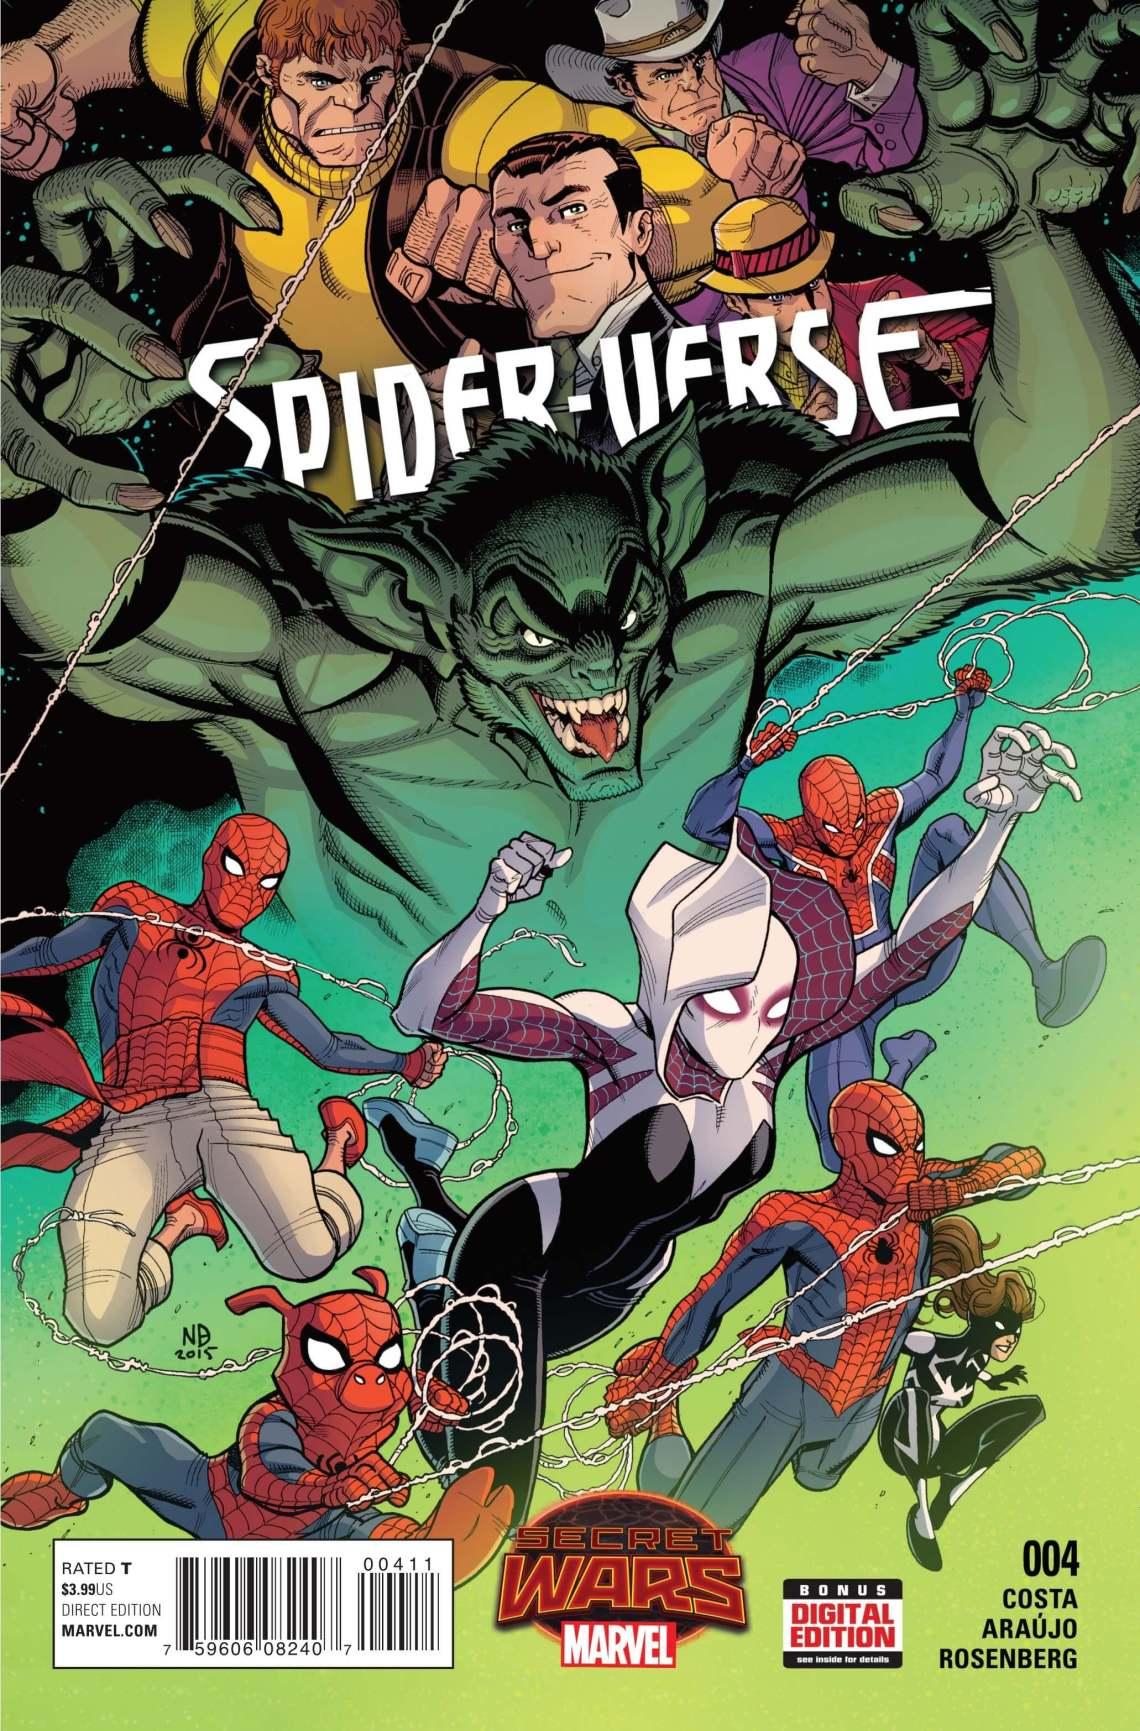 Spider-Verse004cvrA